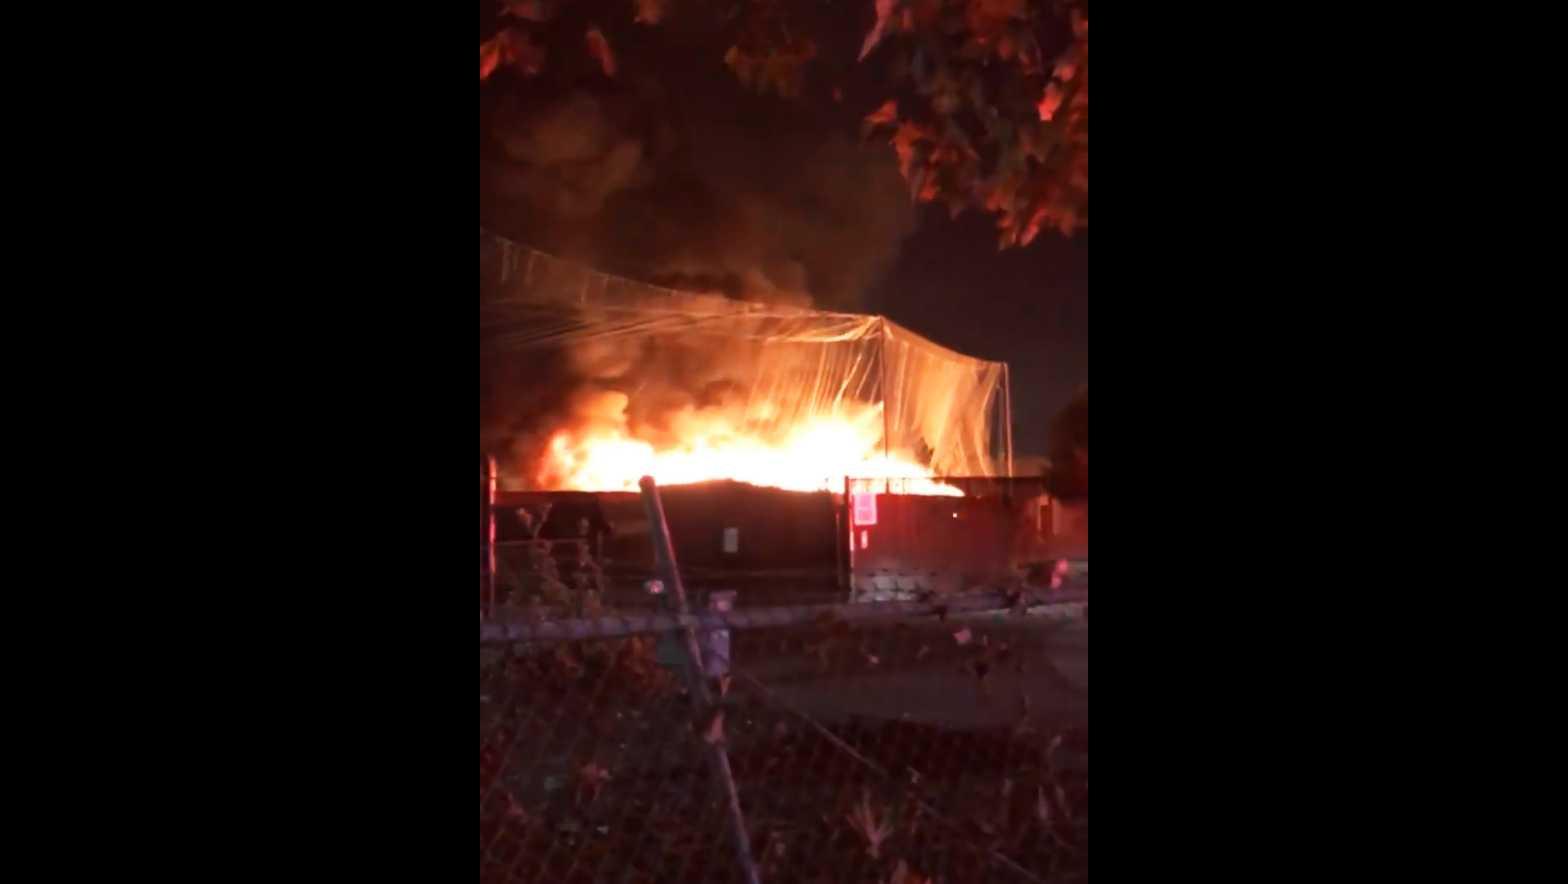 Salinas fire